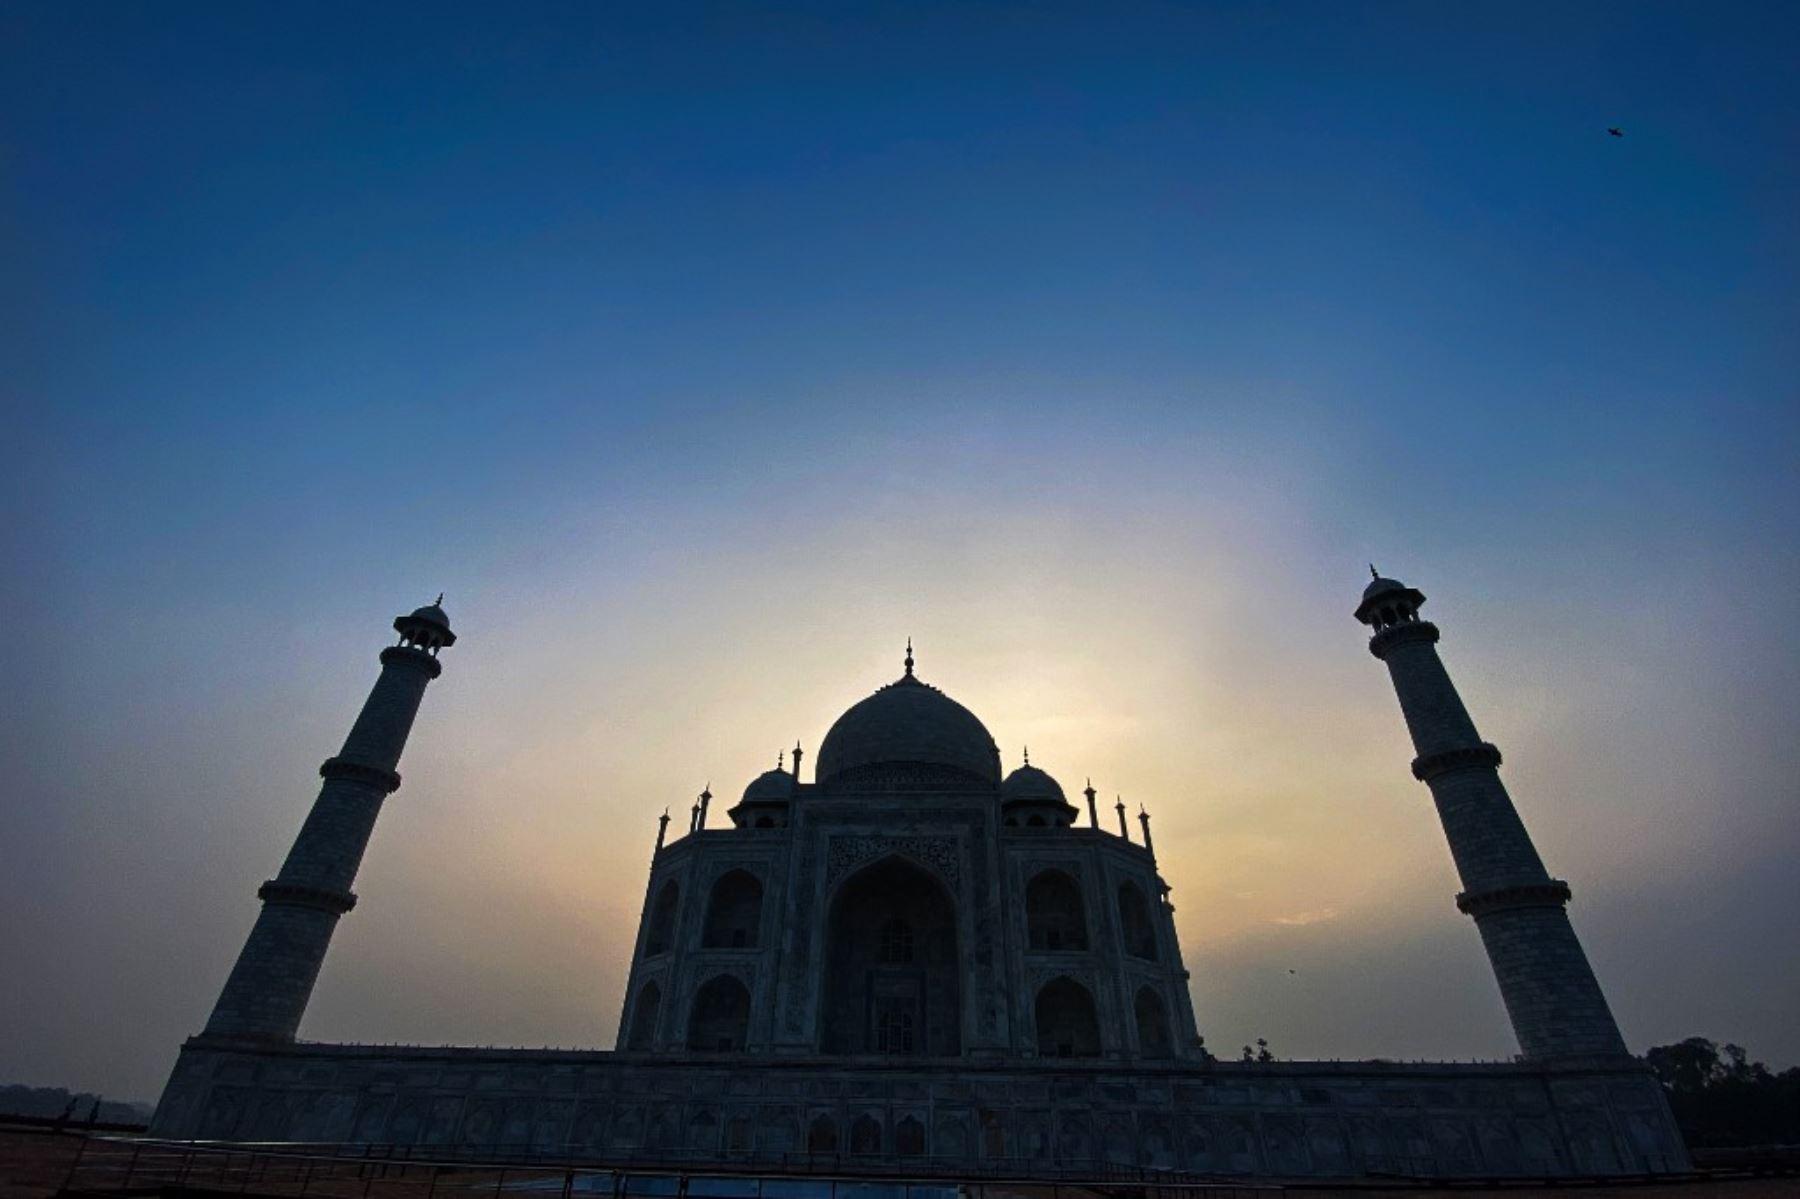 La India reabrió este lunes al público su icónico Taj Mahal, que ha permanecido cerrado durante seis meses a causa de la pandemia y a pesar de que el número de contagios por coronavirus no deja de aumentar en el país. Foto: AFP